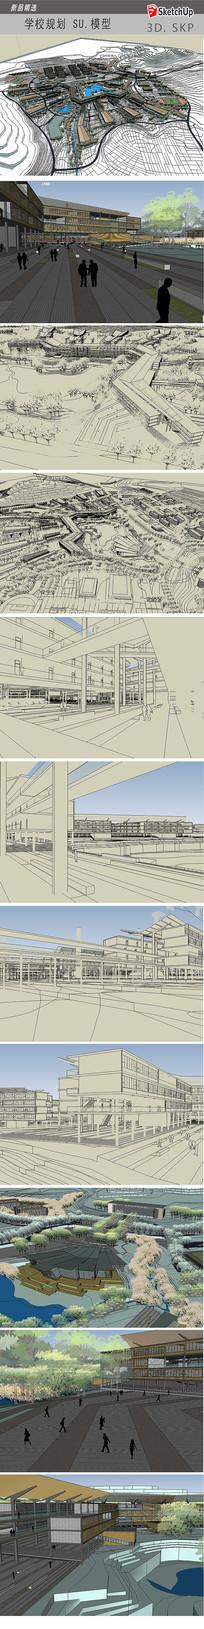 学校规划设计方案